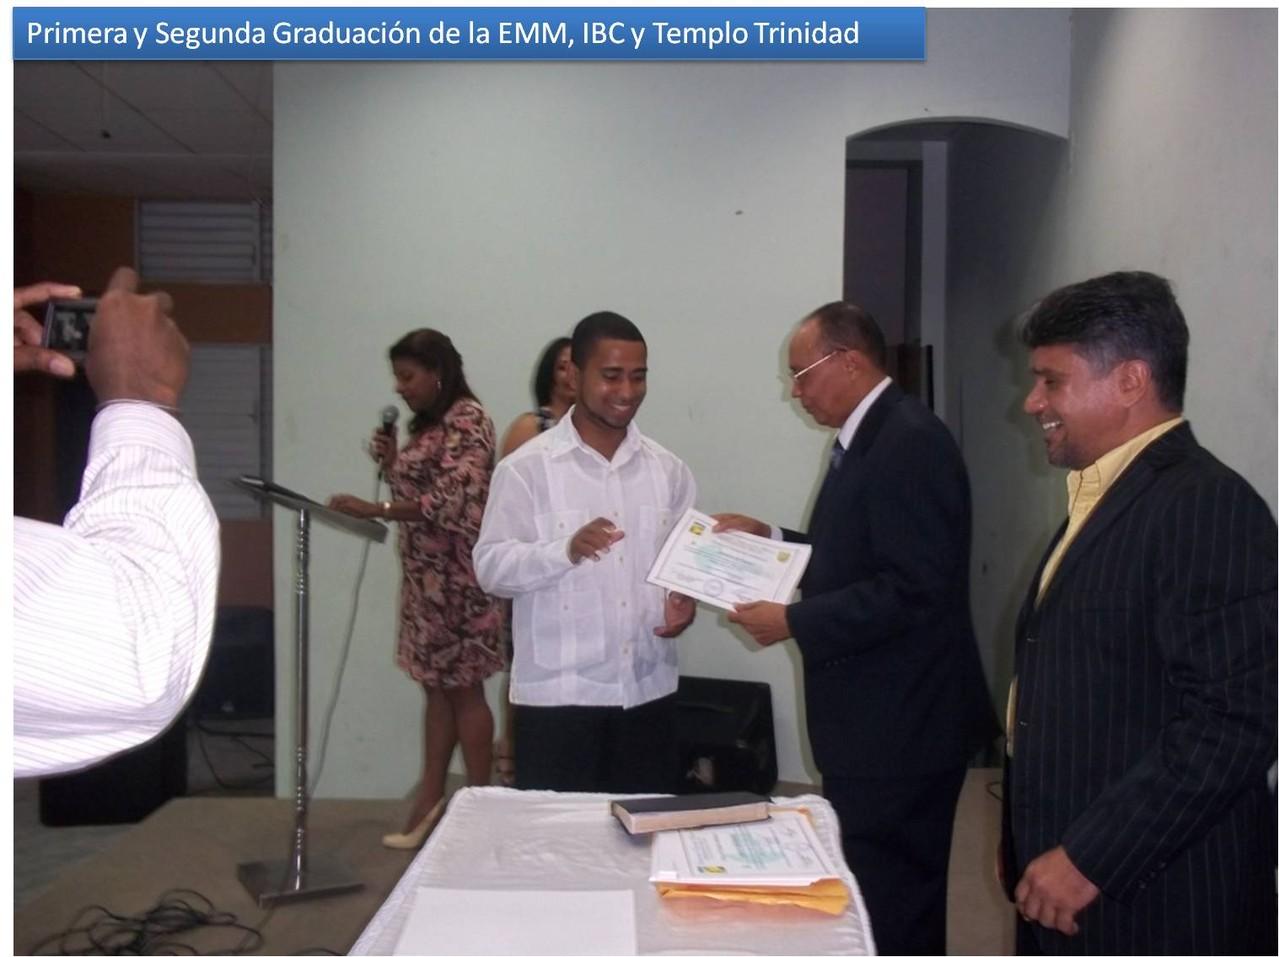 Silverio Bello entregando un Certificado de la EMM